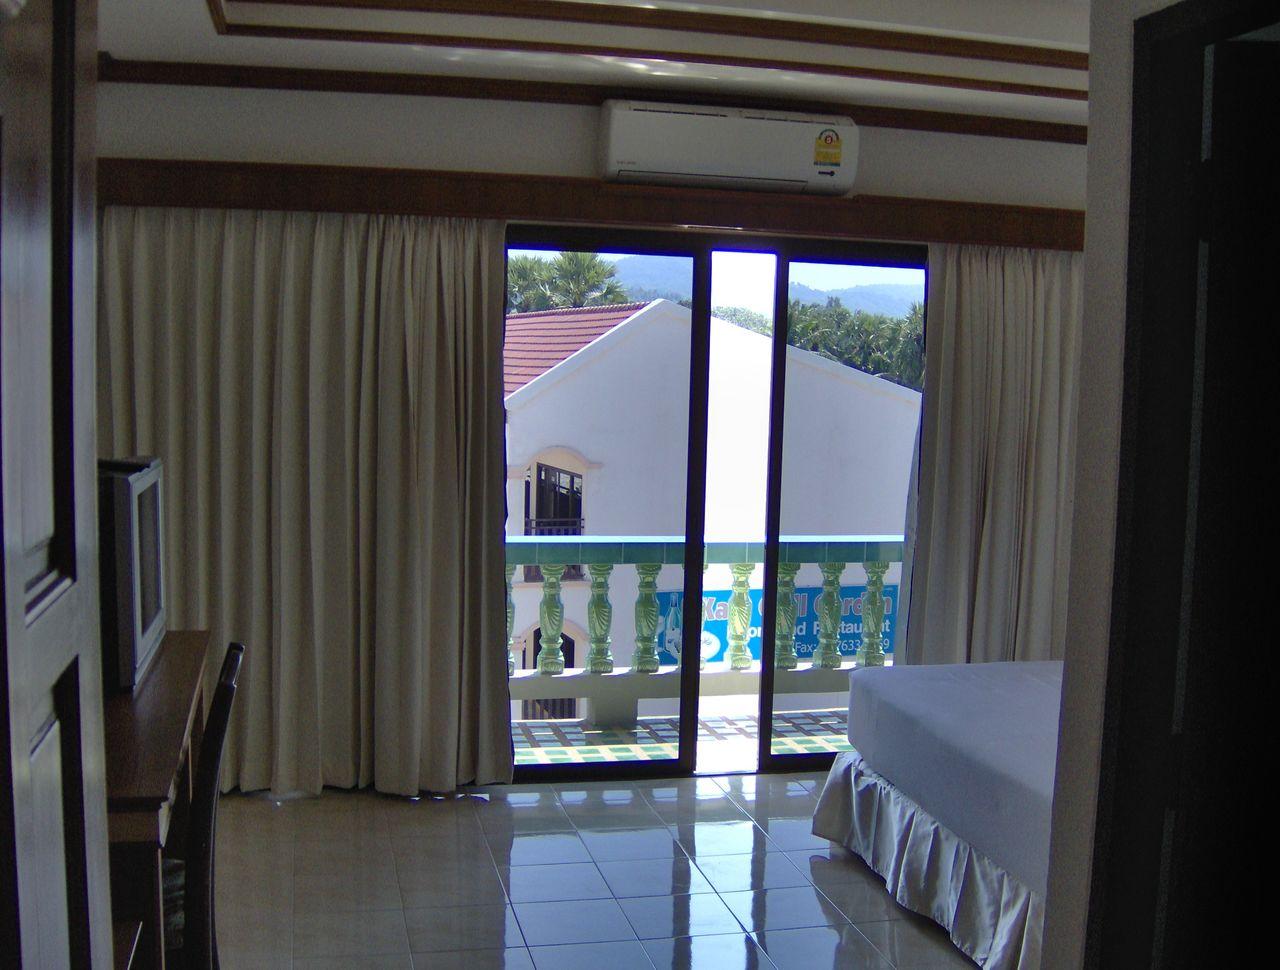 Dormire a phuket spendendo poco sulla spiaggia di kata su for Dormire a phuket